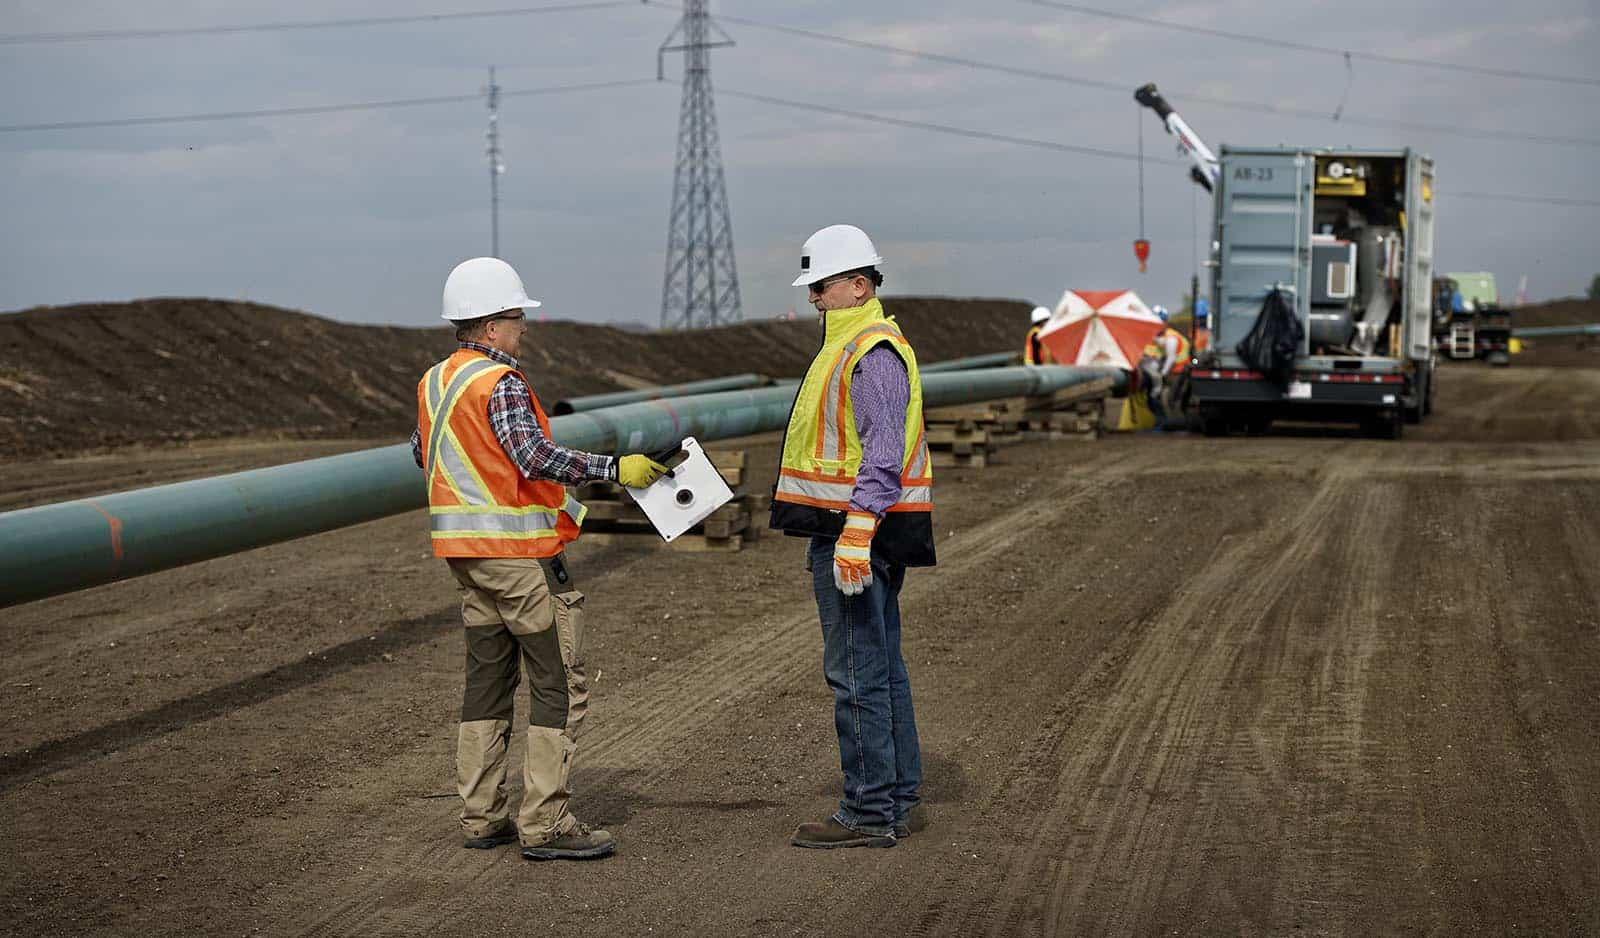 Stantec Wants to Hire Engineers, Administrators, Coordinators, Inspectors & More in Montreal, Edmonton, Quebec City, etc – Apply Today!